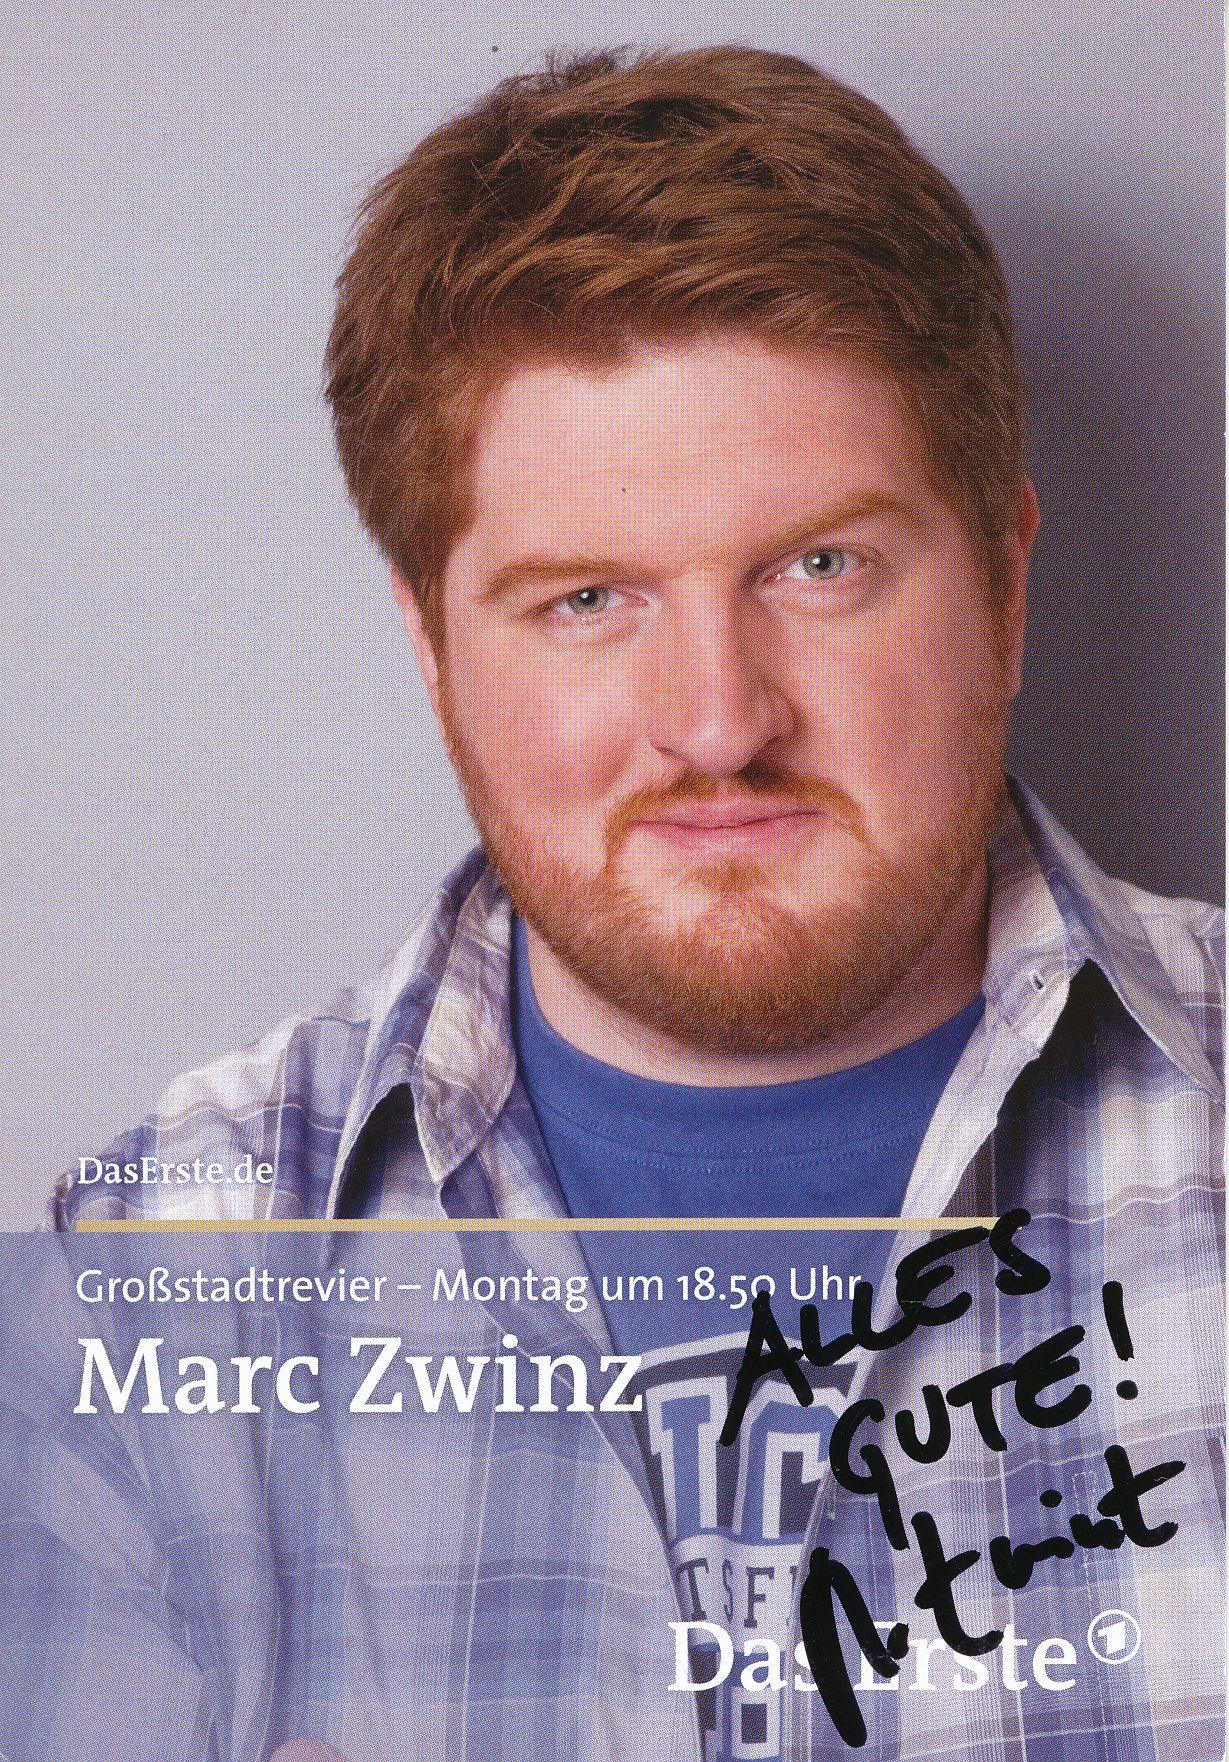 Marc Zwinz